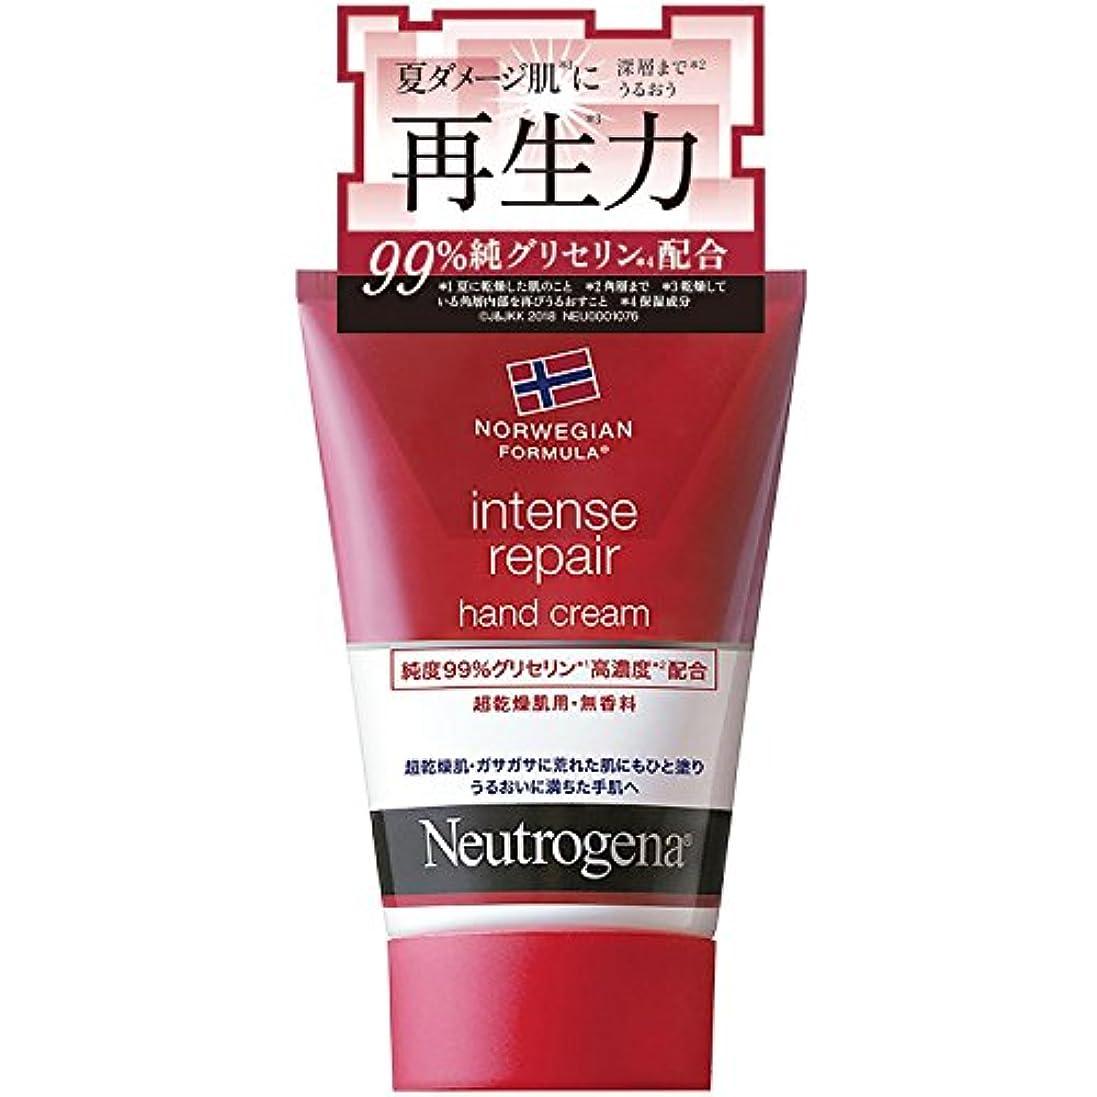 のぞき見シリング支援するNeutrogena(ニュートロジーナ) ノルウェーフォーミュラ インテンスリペア ハンドクリーム 超乾燥肌用 無香料 単品 50g